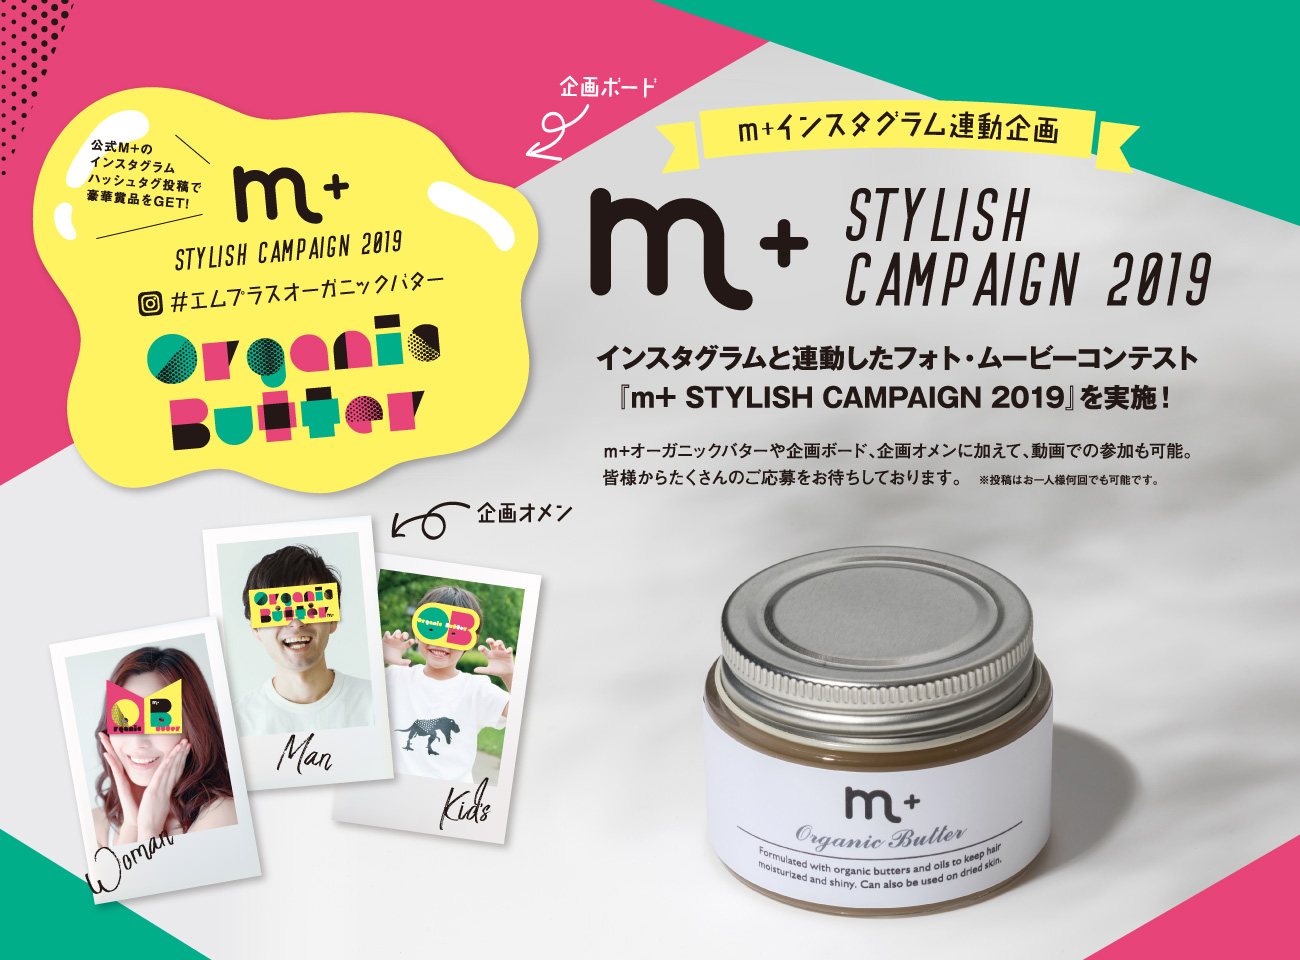 m+インスタグラム連動企画 m+ Stylish Campaign 2019 インスタグラムと連動したフォト・ムービーコンテスト『m+ STYLISH CAMPAIGN 2019』を実施!m+オーガニックバターや企画ボード、企画オメンに加えて、動画での参加も可能。皆様からたくさんのご応募をお待ちしております。 ※投稿はお一人様何回でも可能です。